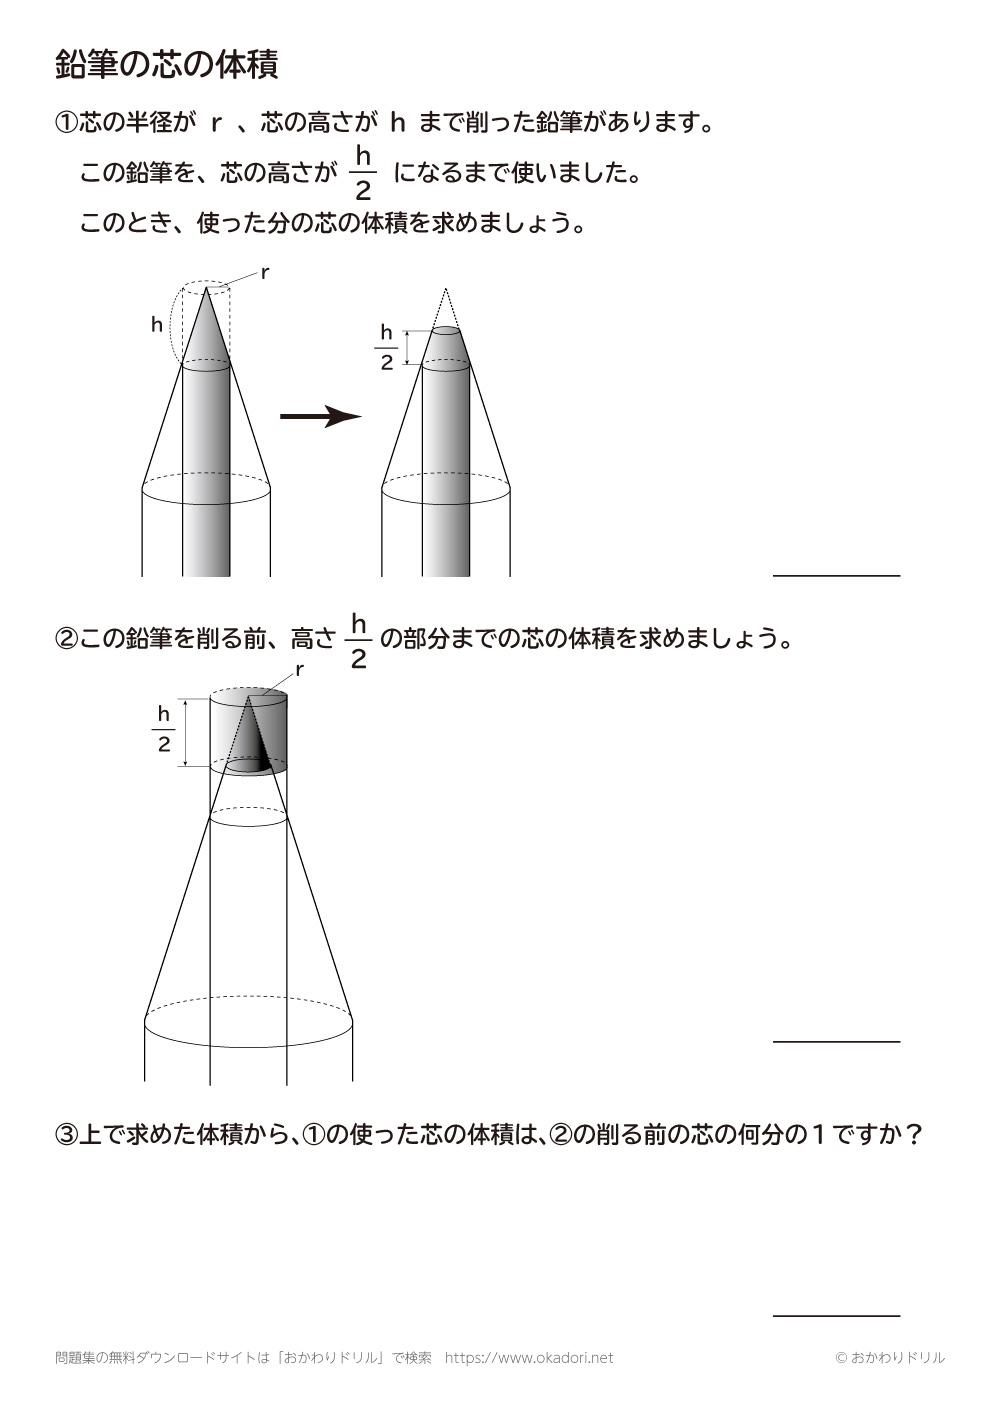 鉛筆の芯の体積の問題と答え1